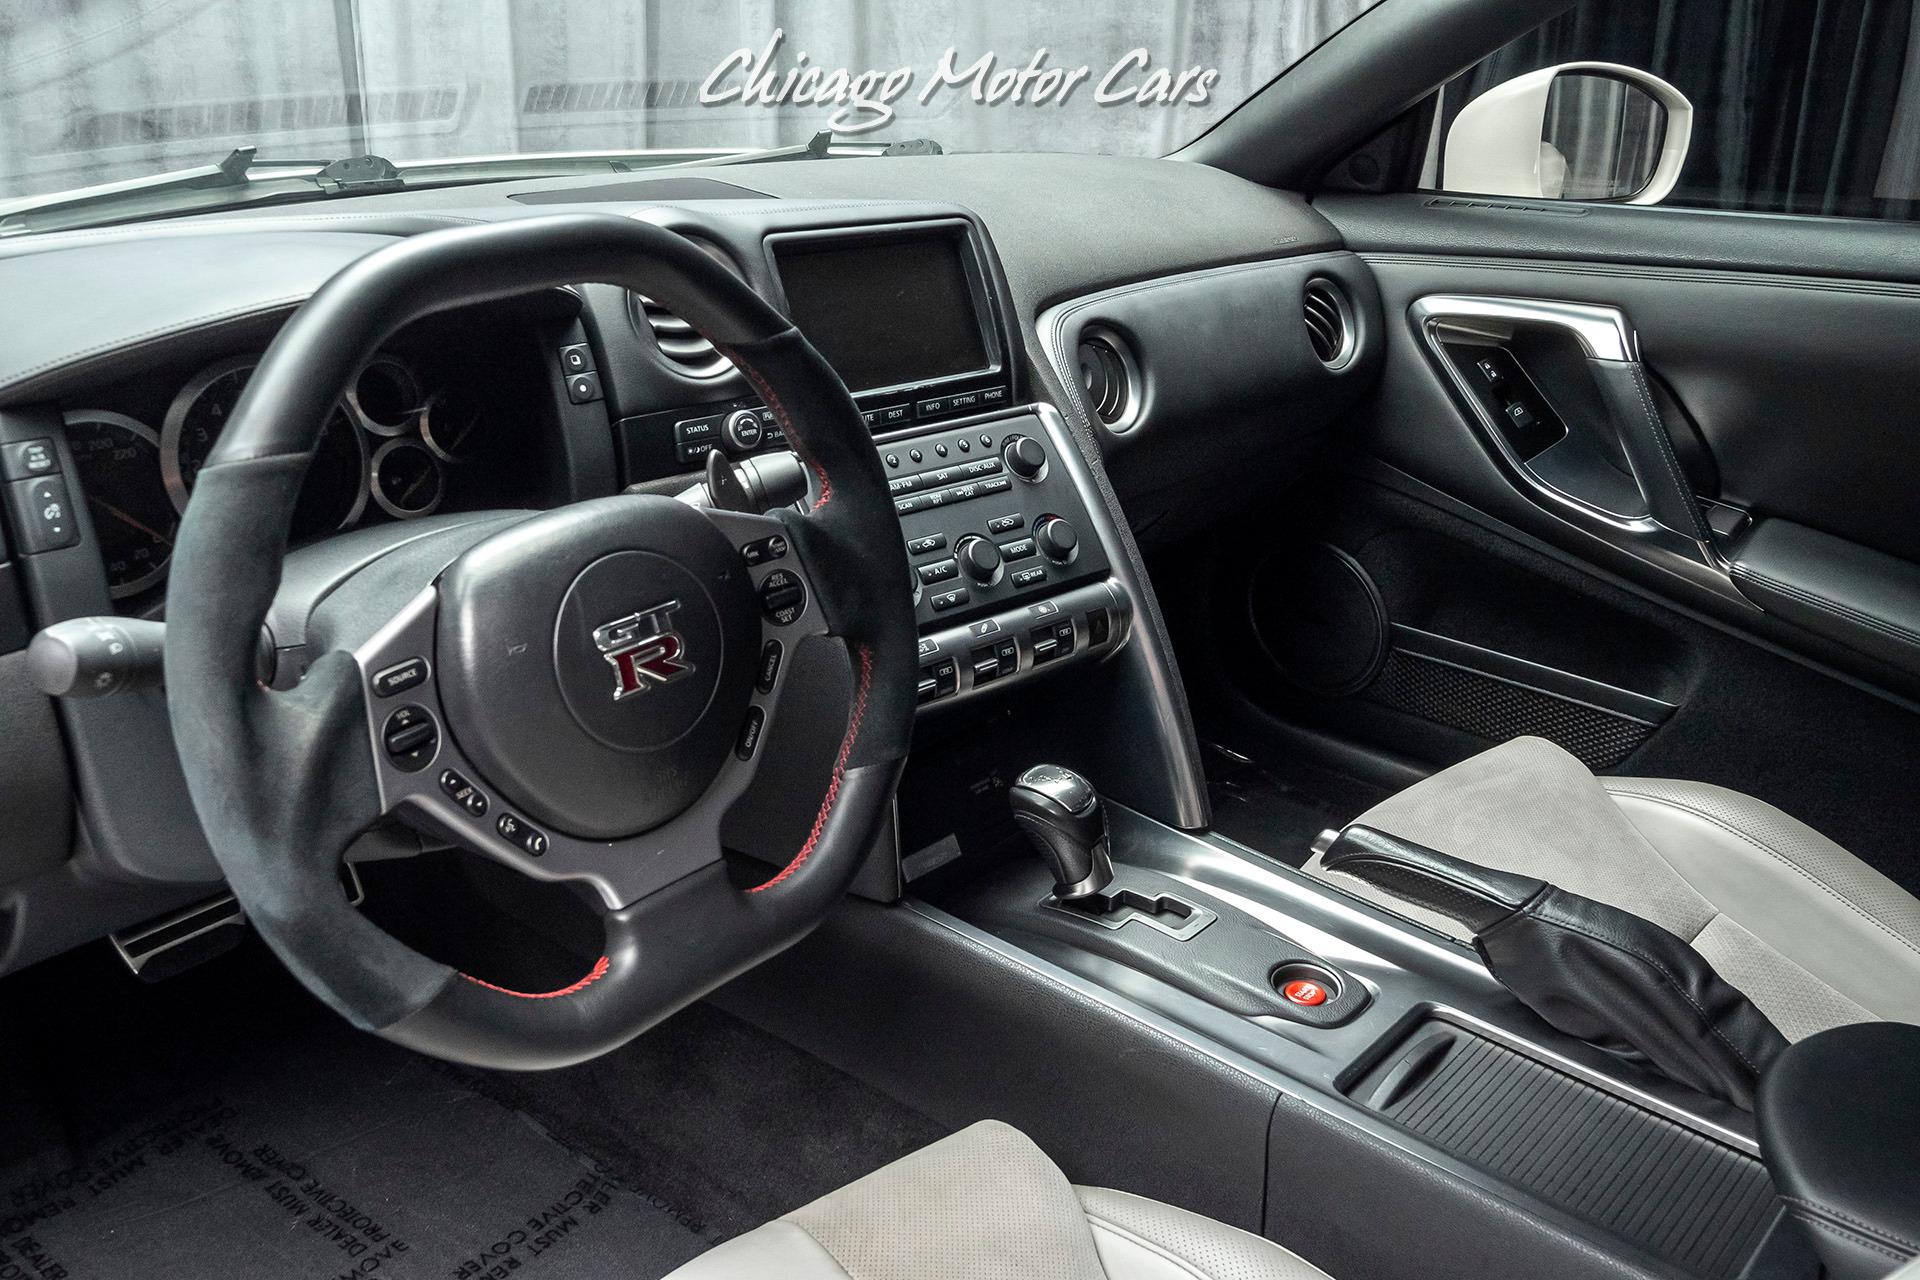 Used-2009-Nissan-GT-R-Premium-800HP-2016-Drivetrain-CLEAN